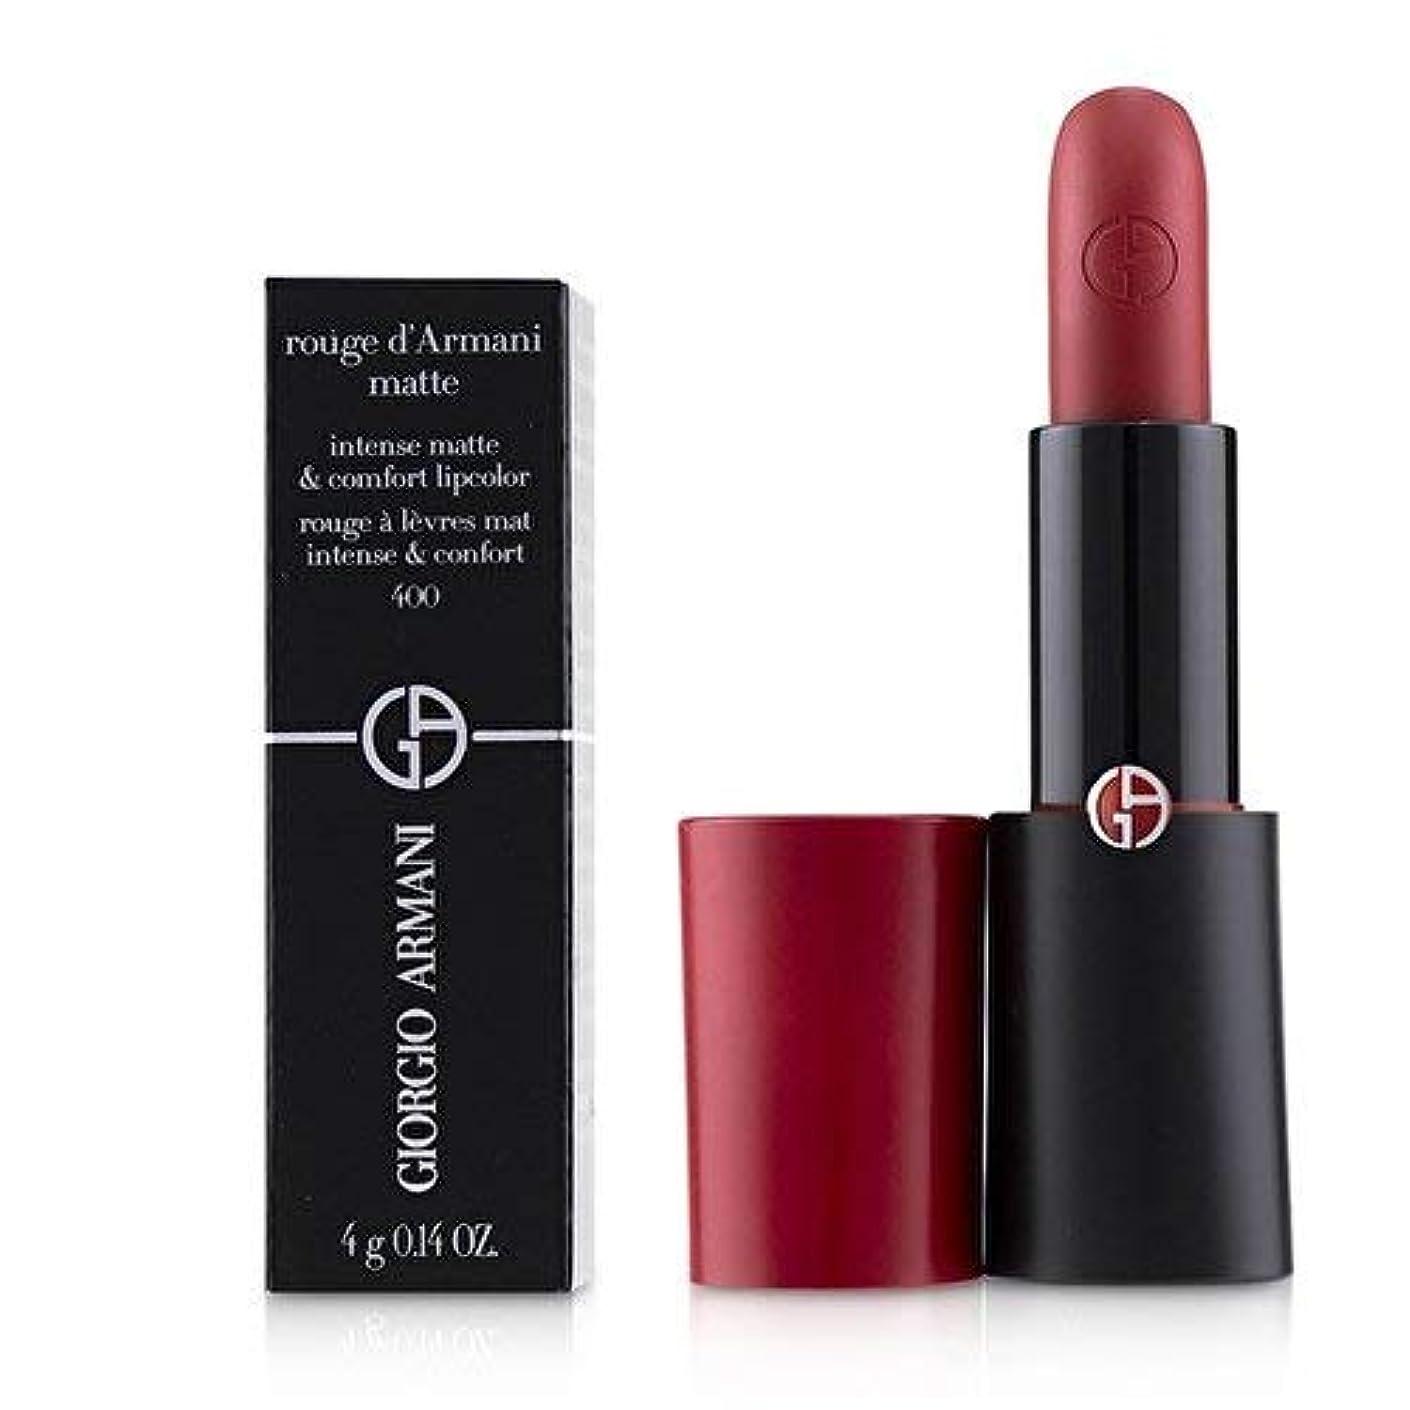 感じる記者ラウンジジョルジオアルマーニ Rouge D'Armani Matte Intense Matte & Comfort Lipcolor - # 400 Four Hundred 4g/0.14oz並行輸入品